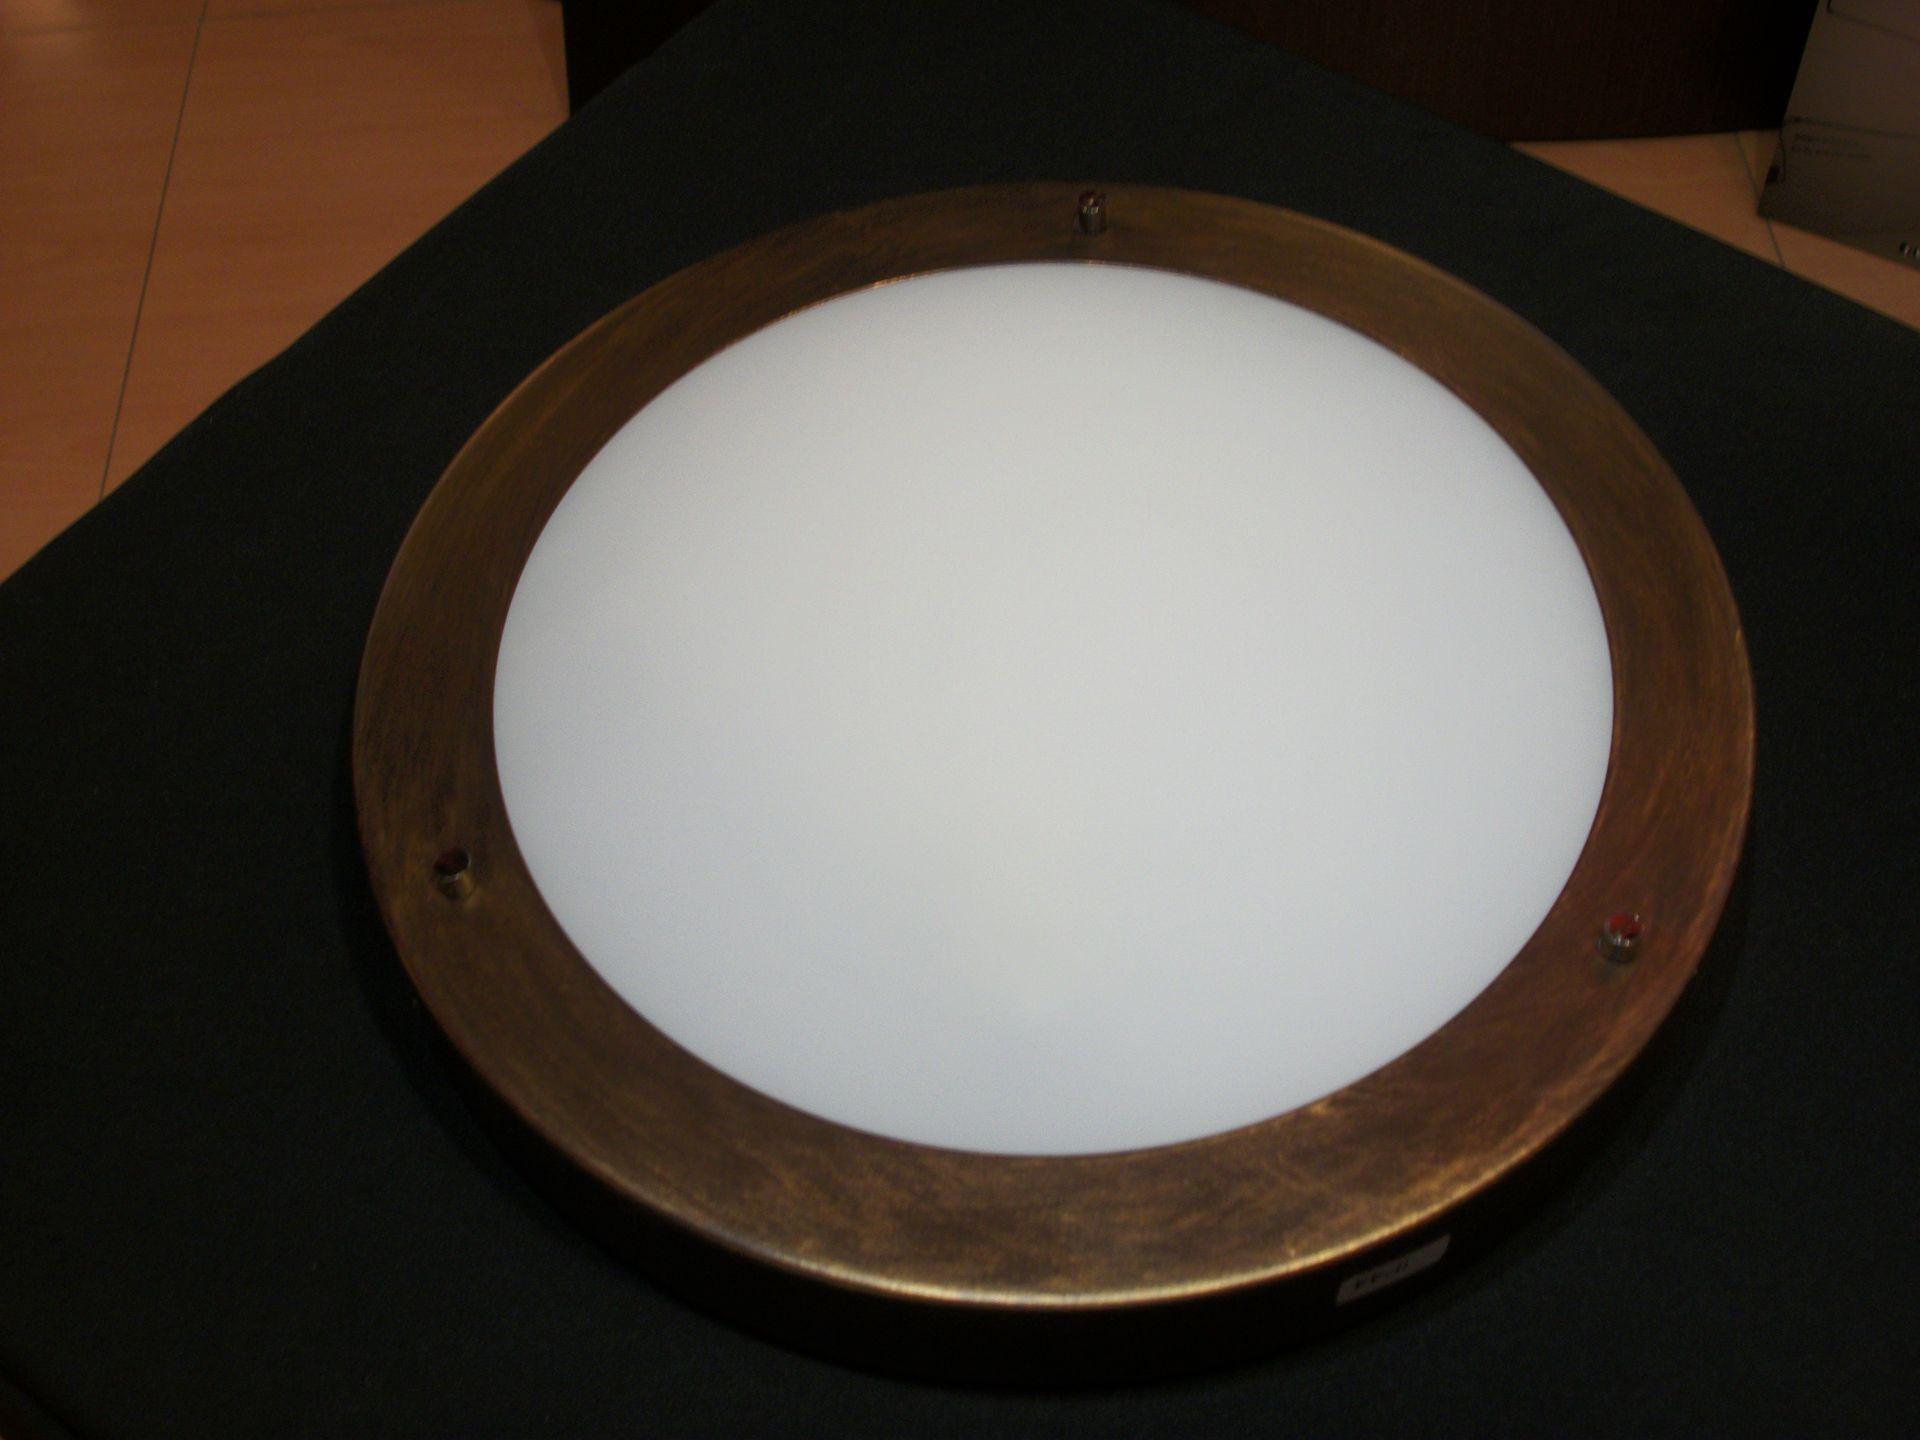 Plafoniera Da Esterno Bianca : Plafoniera a soffitto per interno esterno tonda in vetro bianco